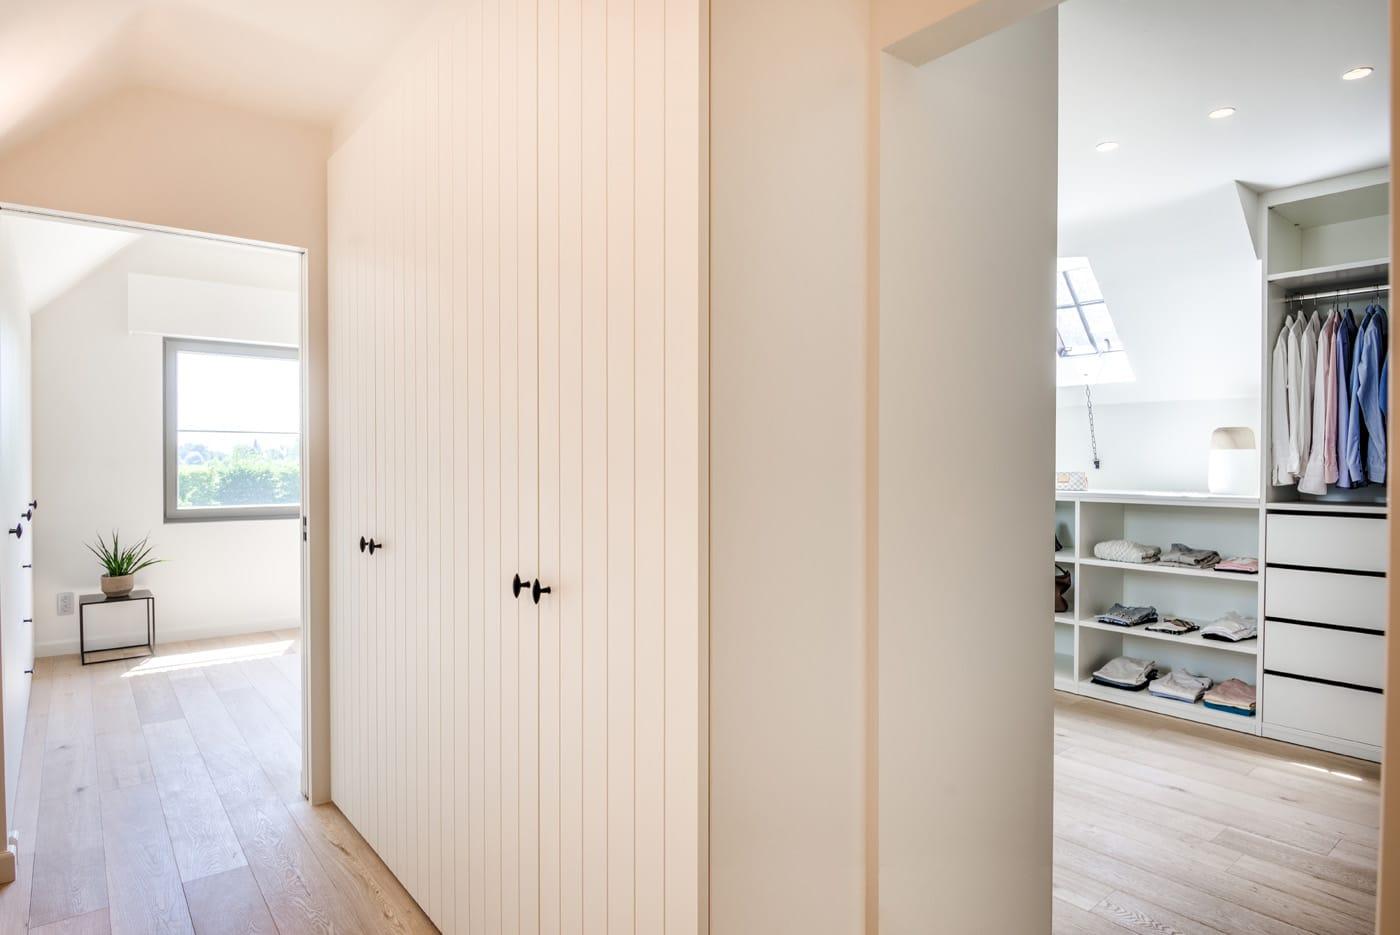 Maatkast in hal en slaapkamer en open dressing onder schuin dak